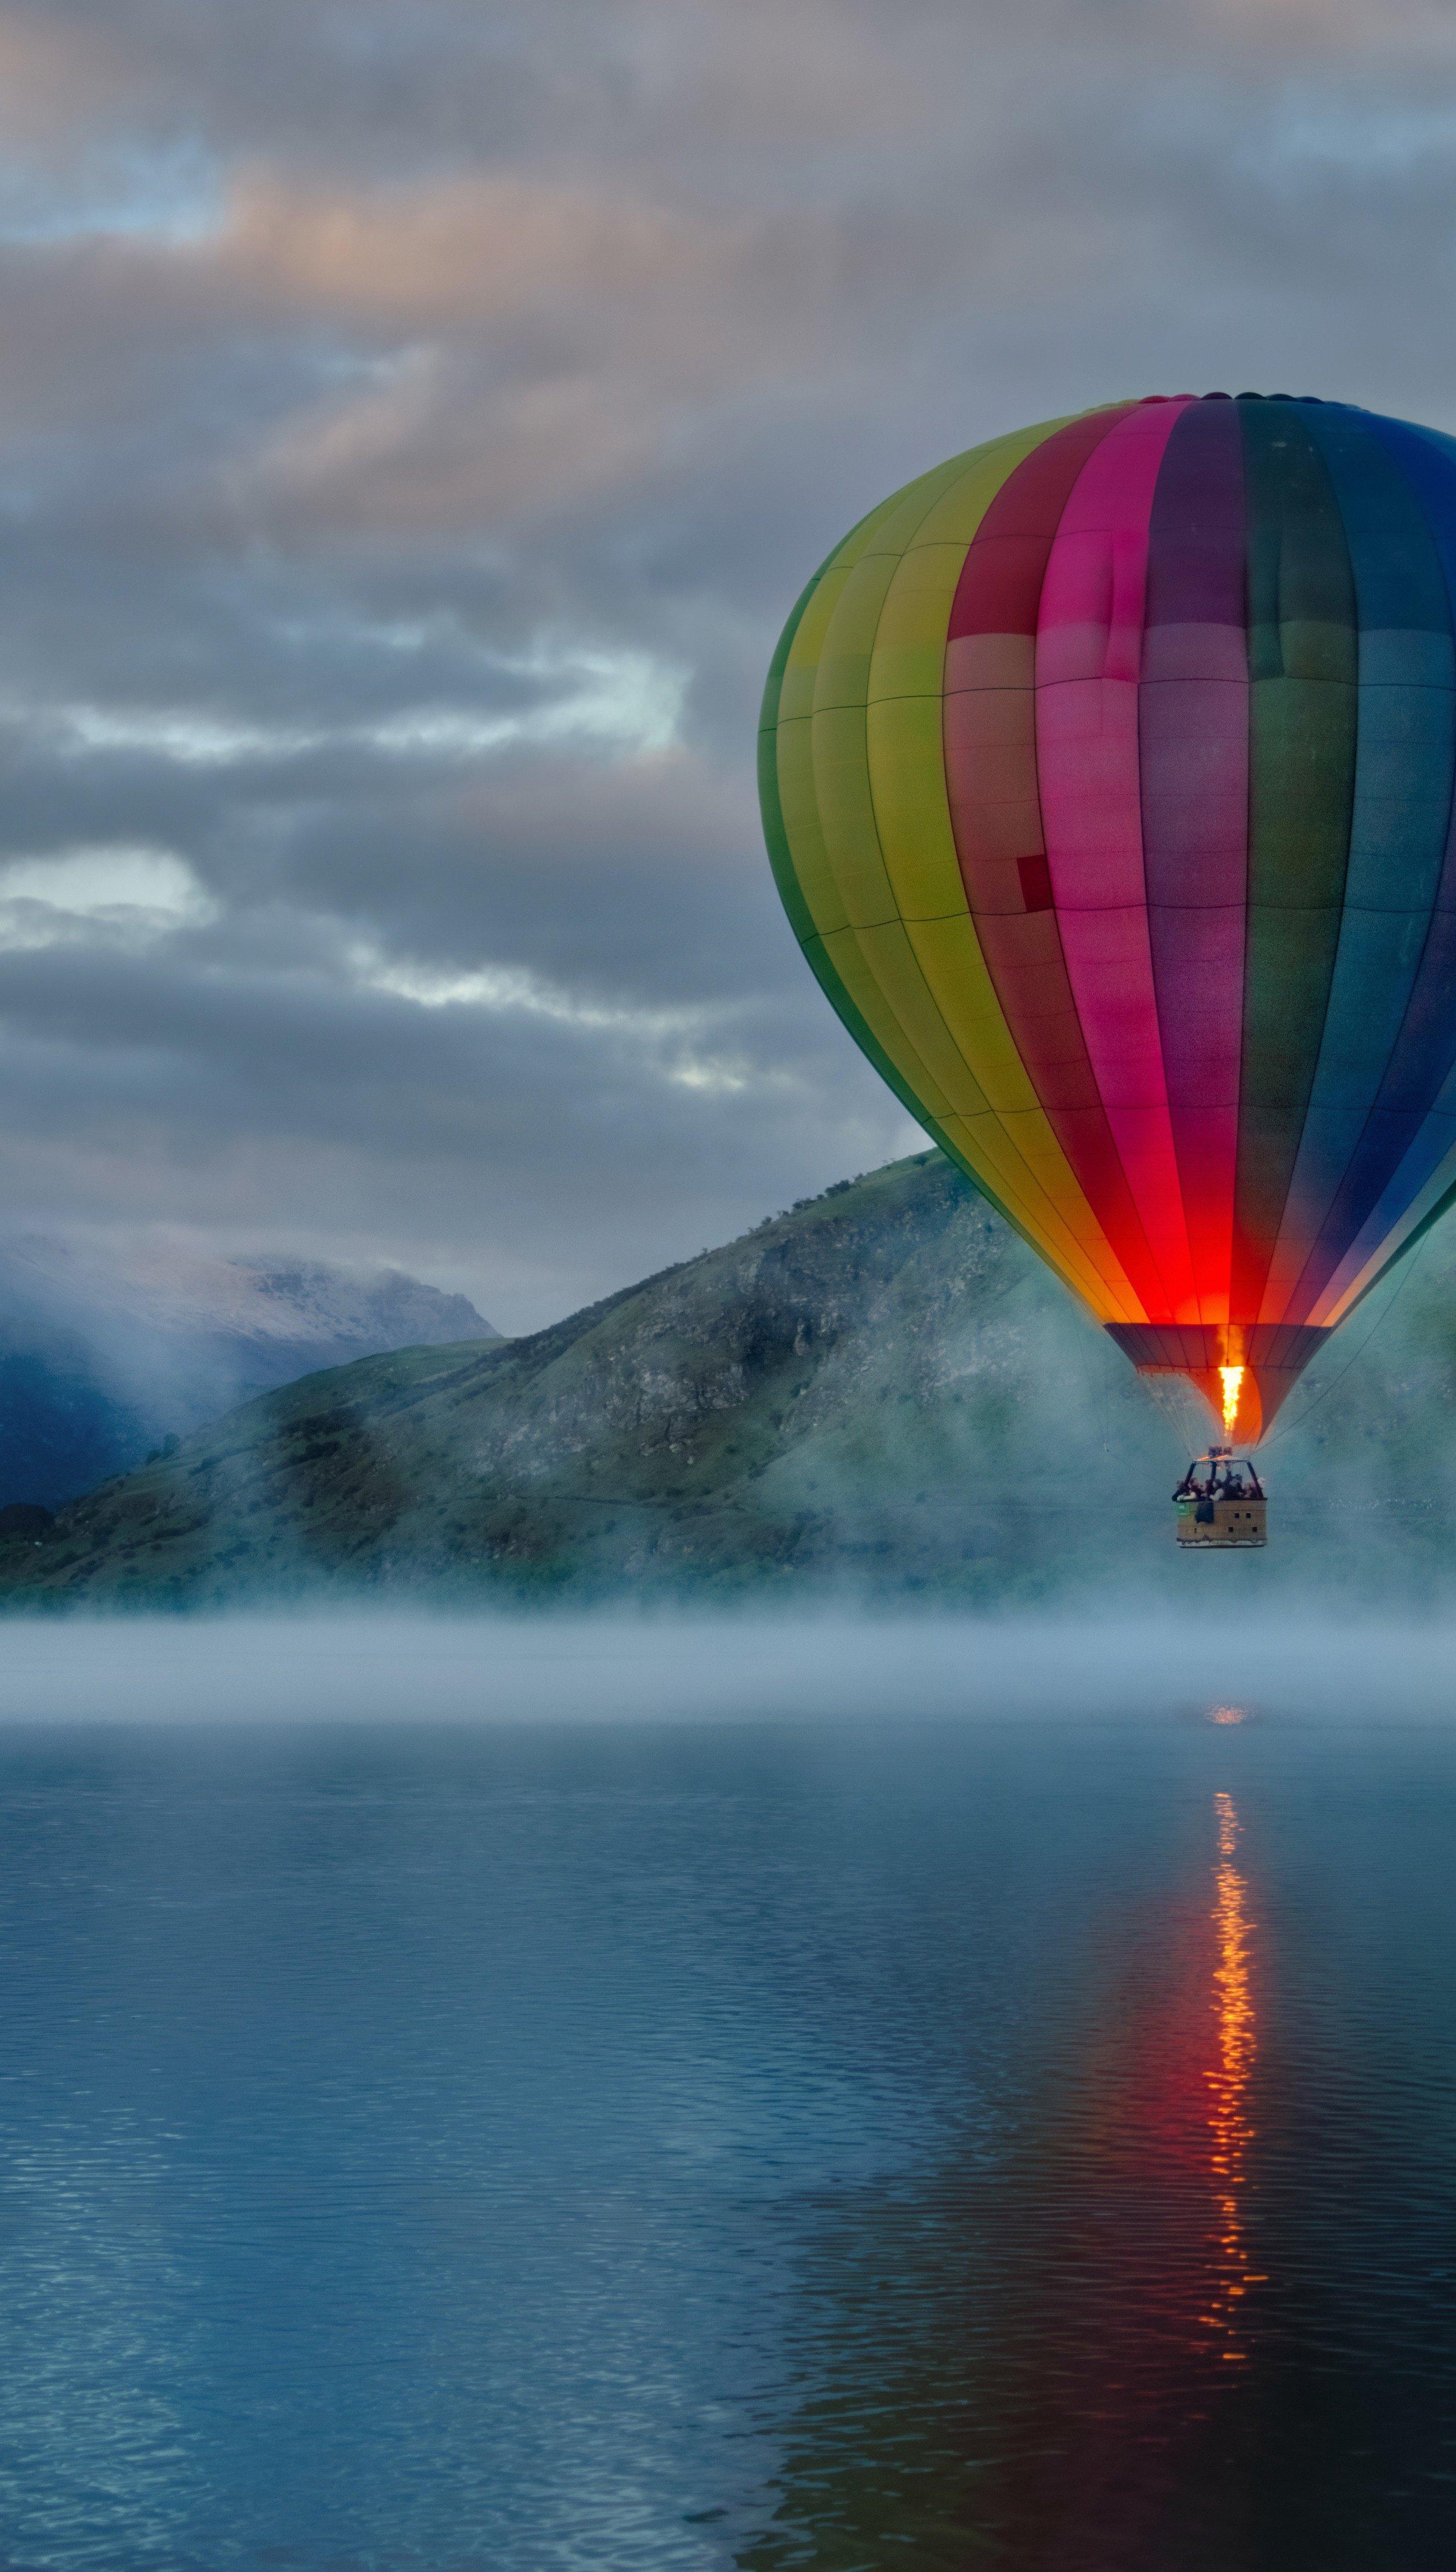 Fondos de pantalla Globo aerostático en lago con montañas Vertical